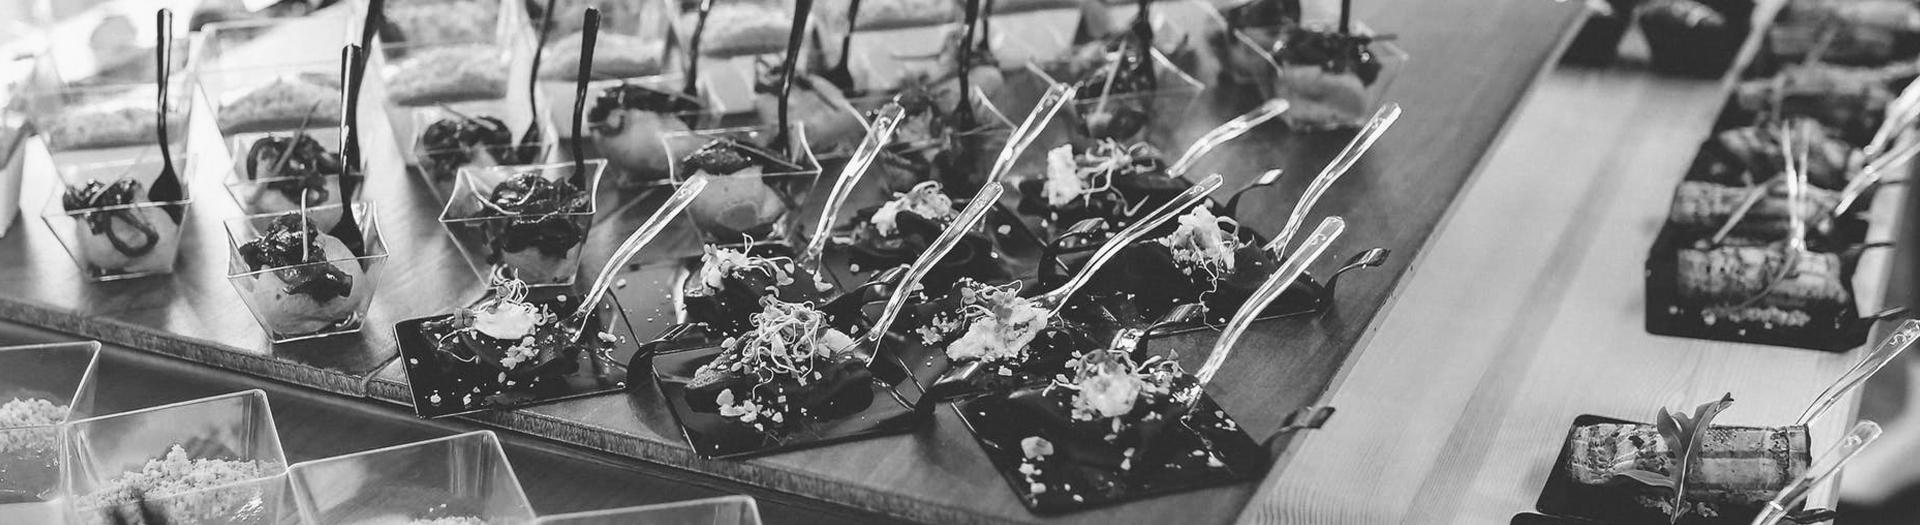 Servizio catering per eventi, feste, inaugurazioni locali, meeting aziendali